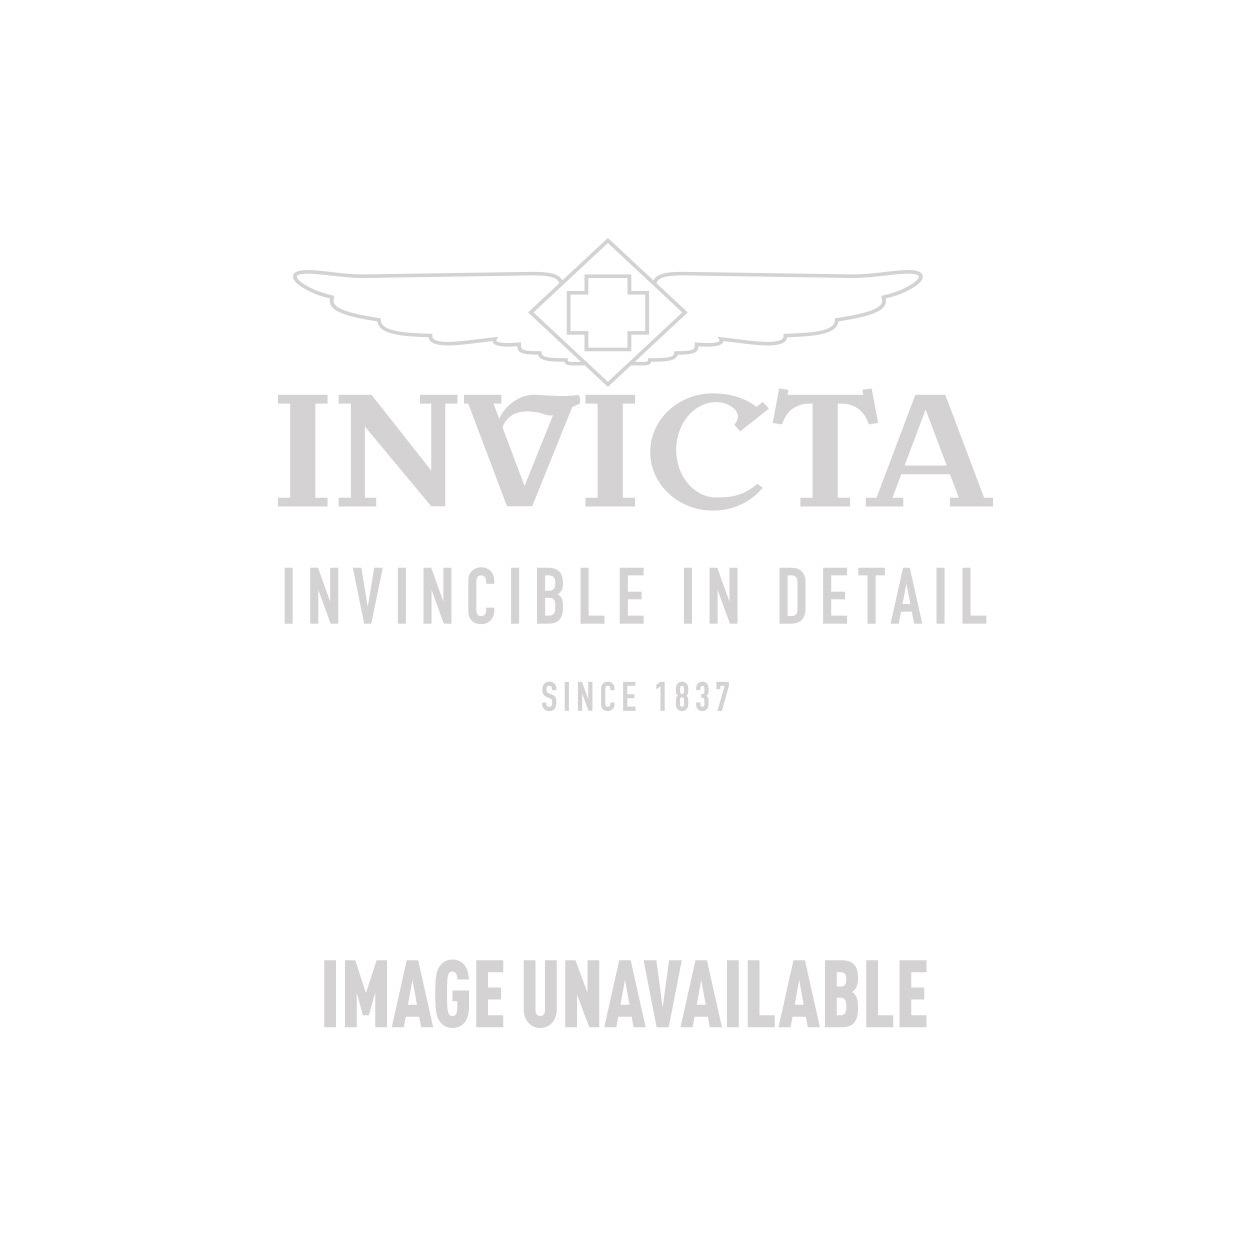 Invicta Model 28099